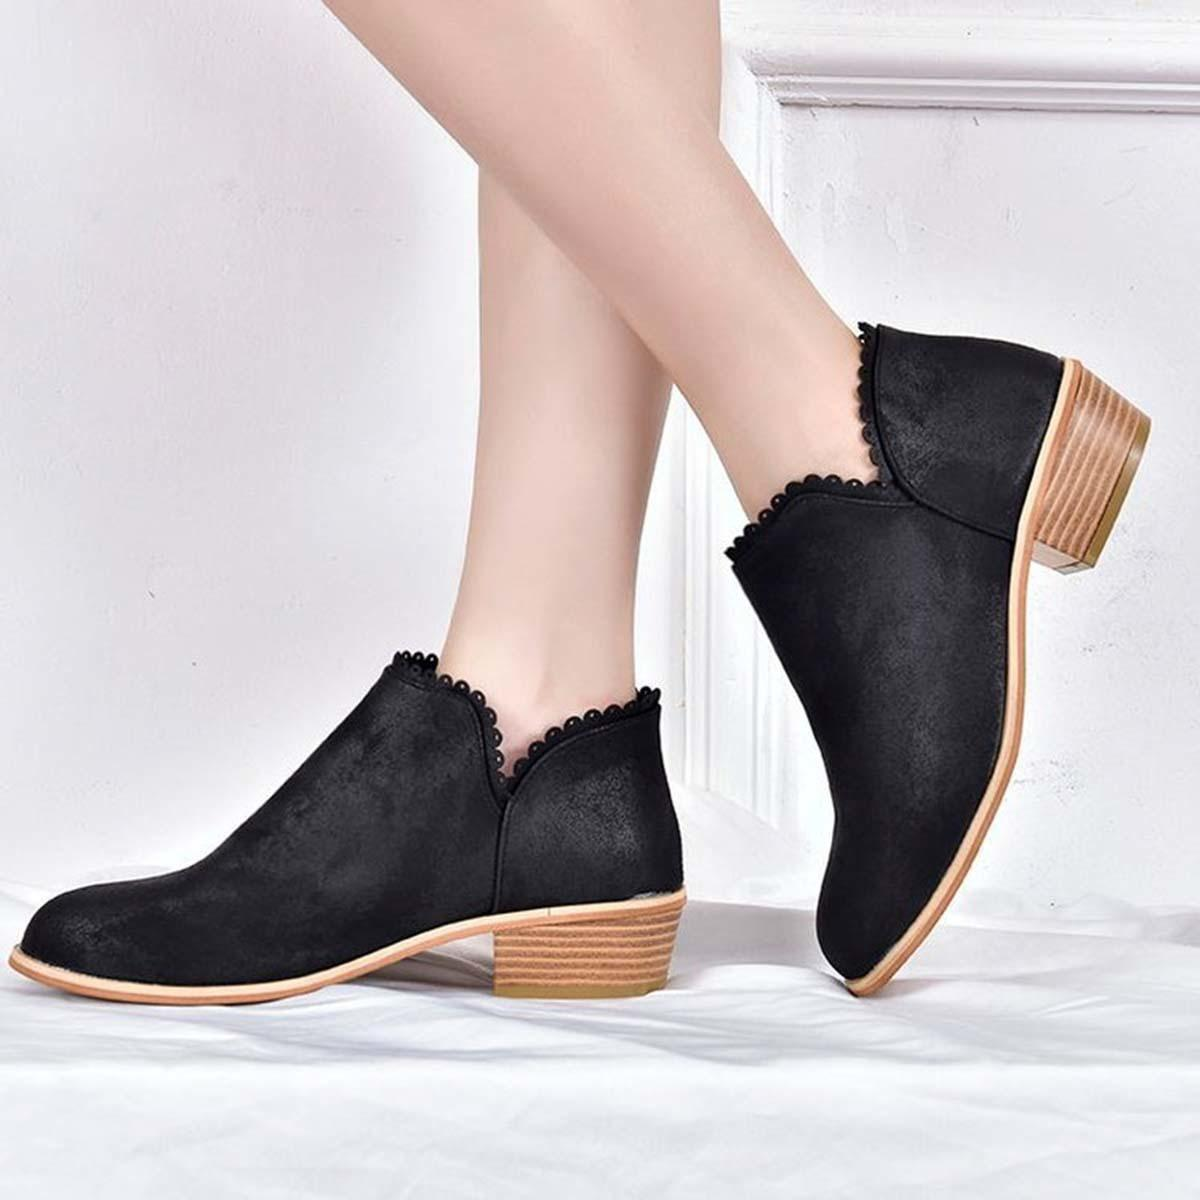 Calzado Grande Slip En Casual Tobillo Zapatos Fashion Diseñador Mujer Flock Bajo Tacón Talla Plataforma Cuadrado Vestir De HED9W2I